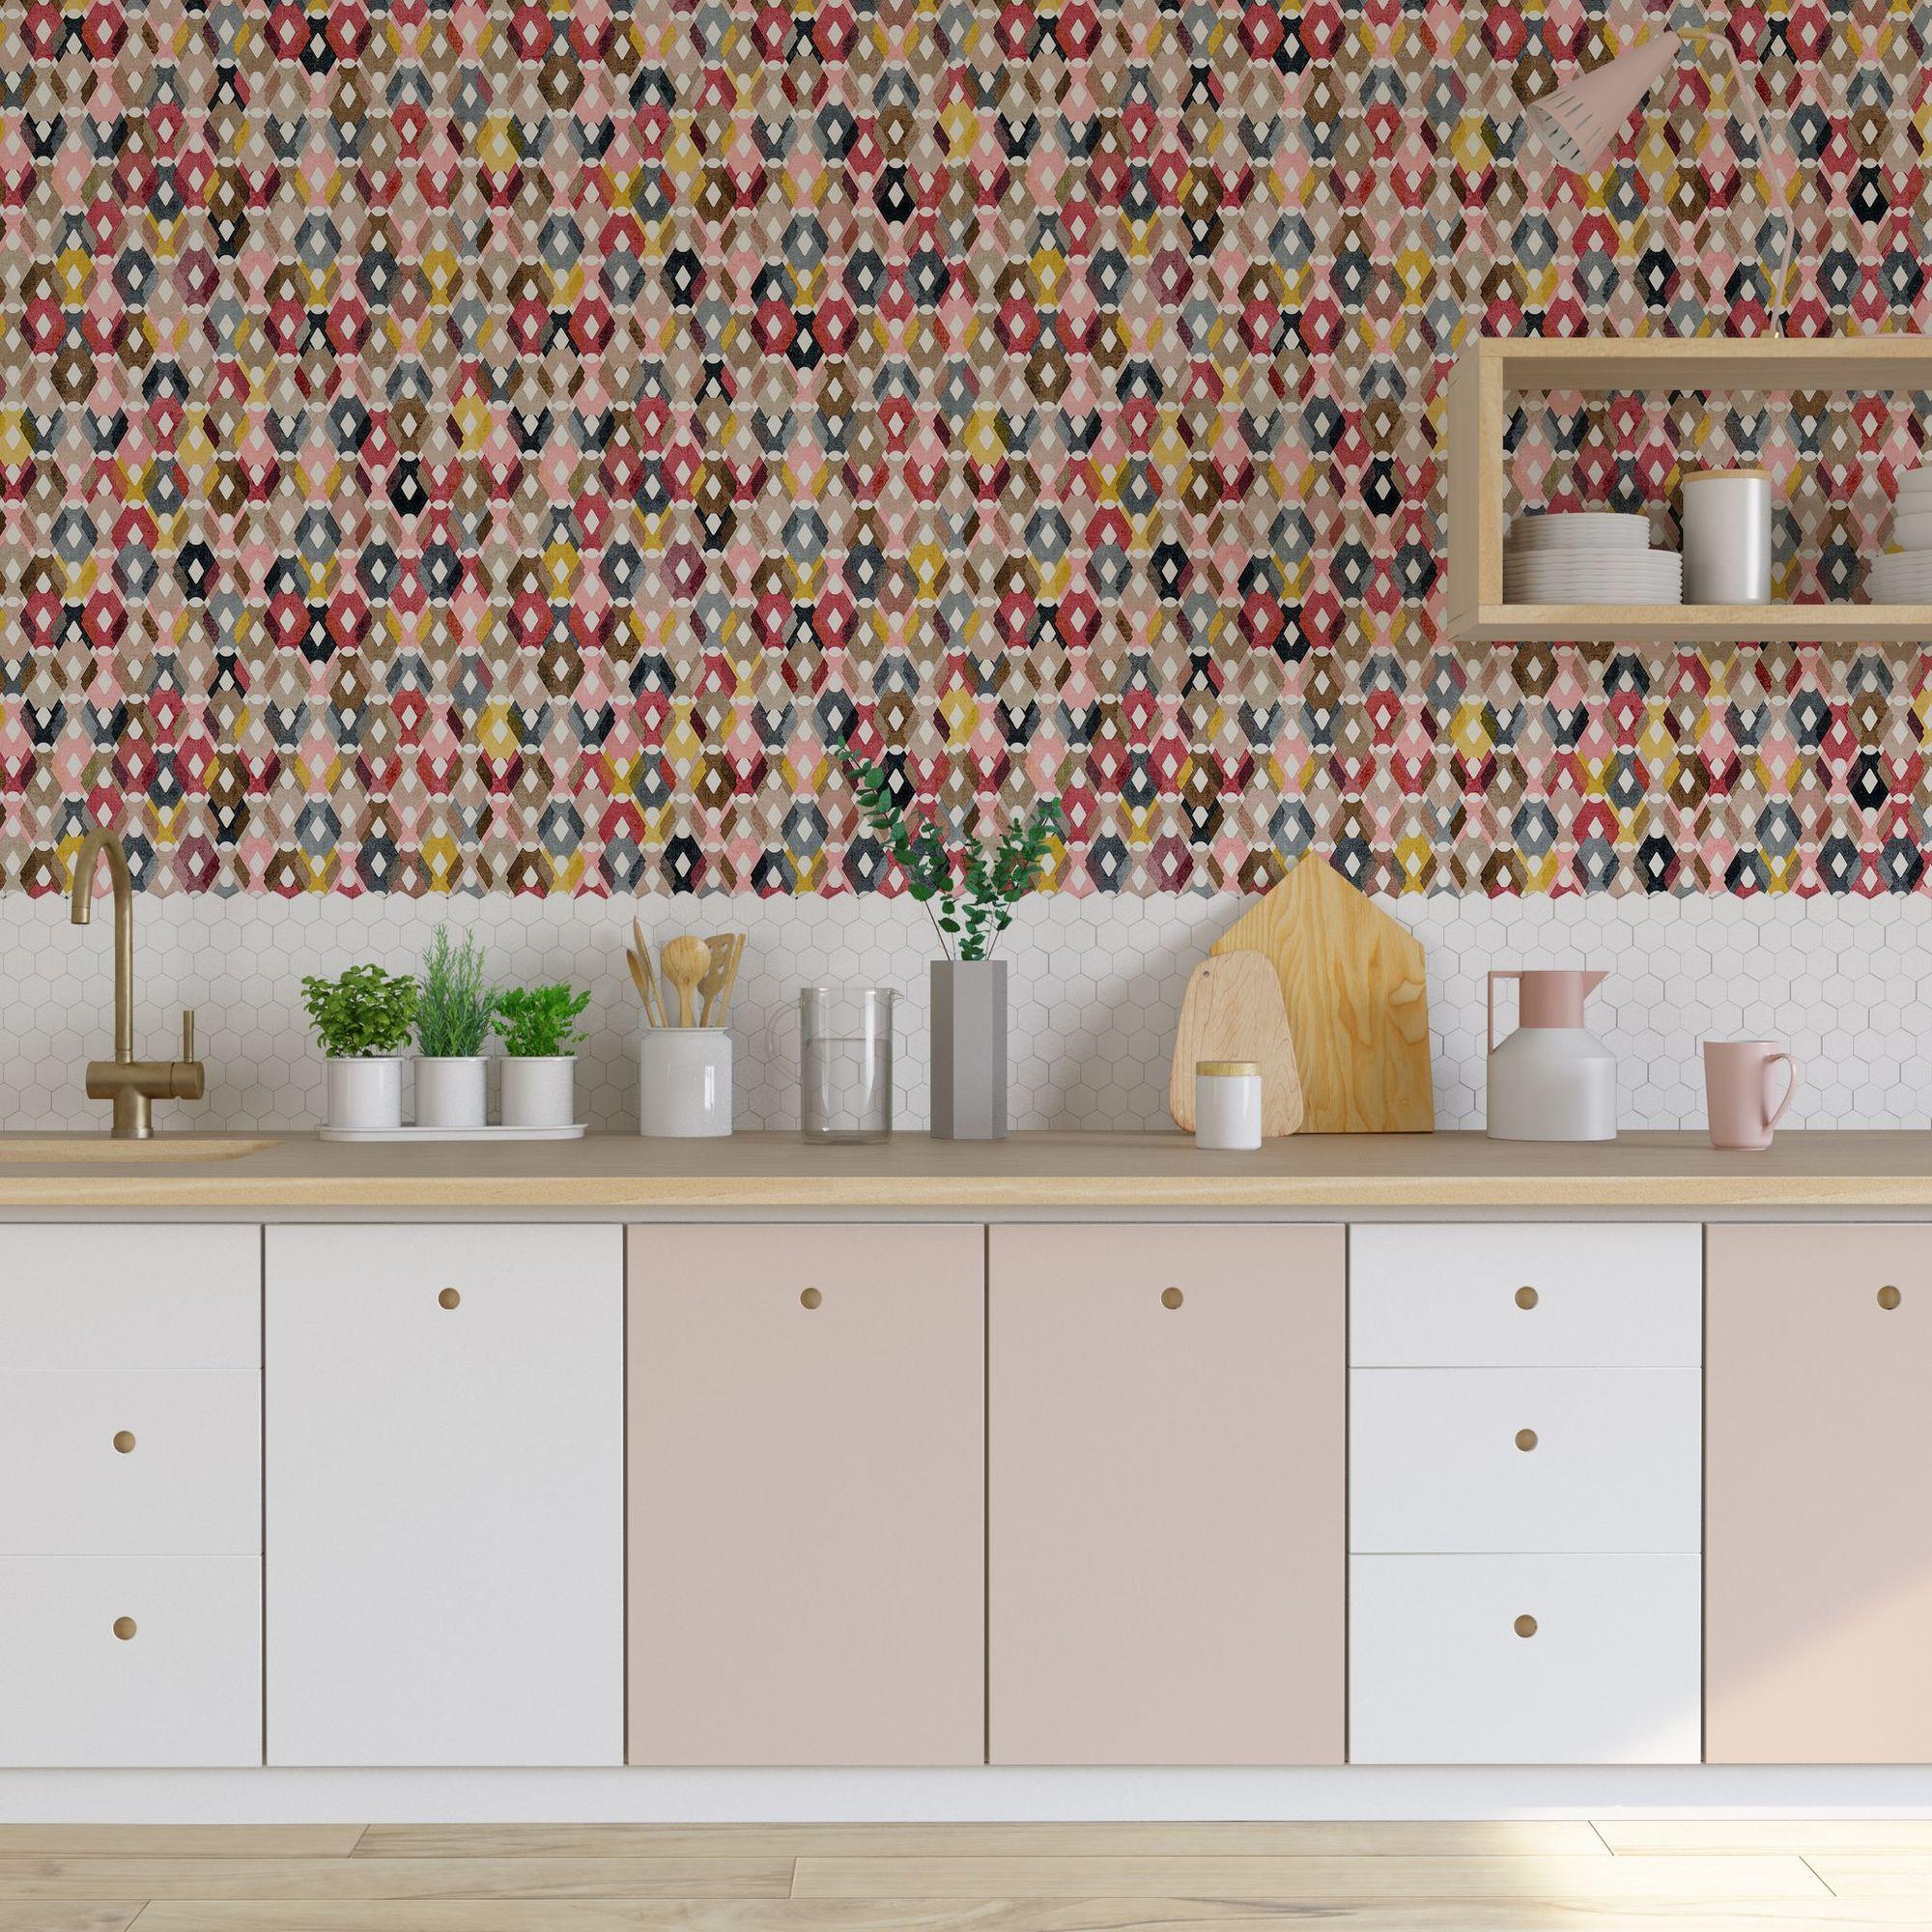 Papier peint cuisine : idées tendance